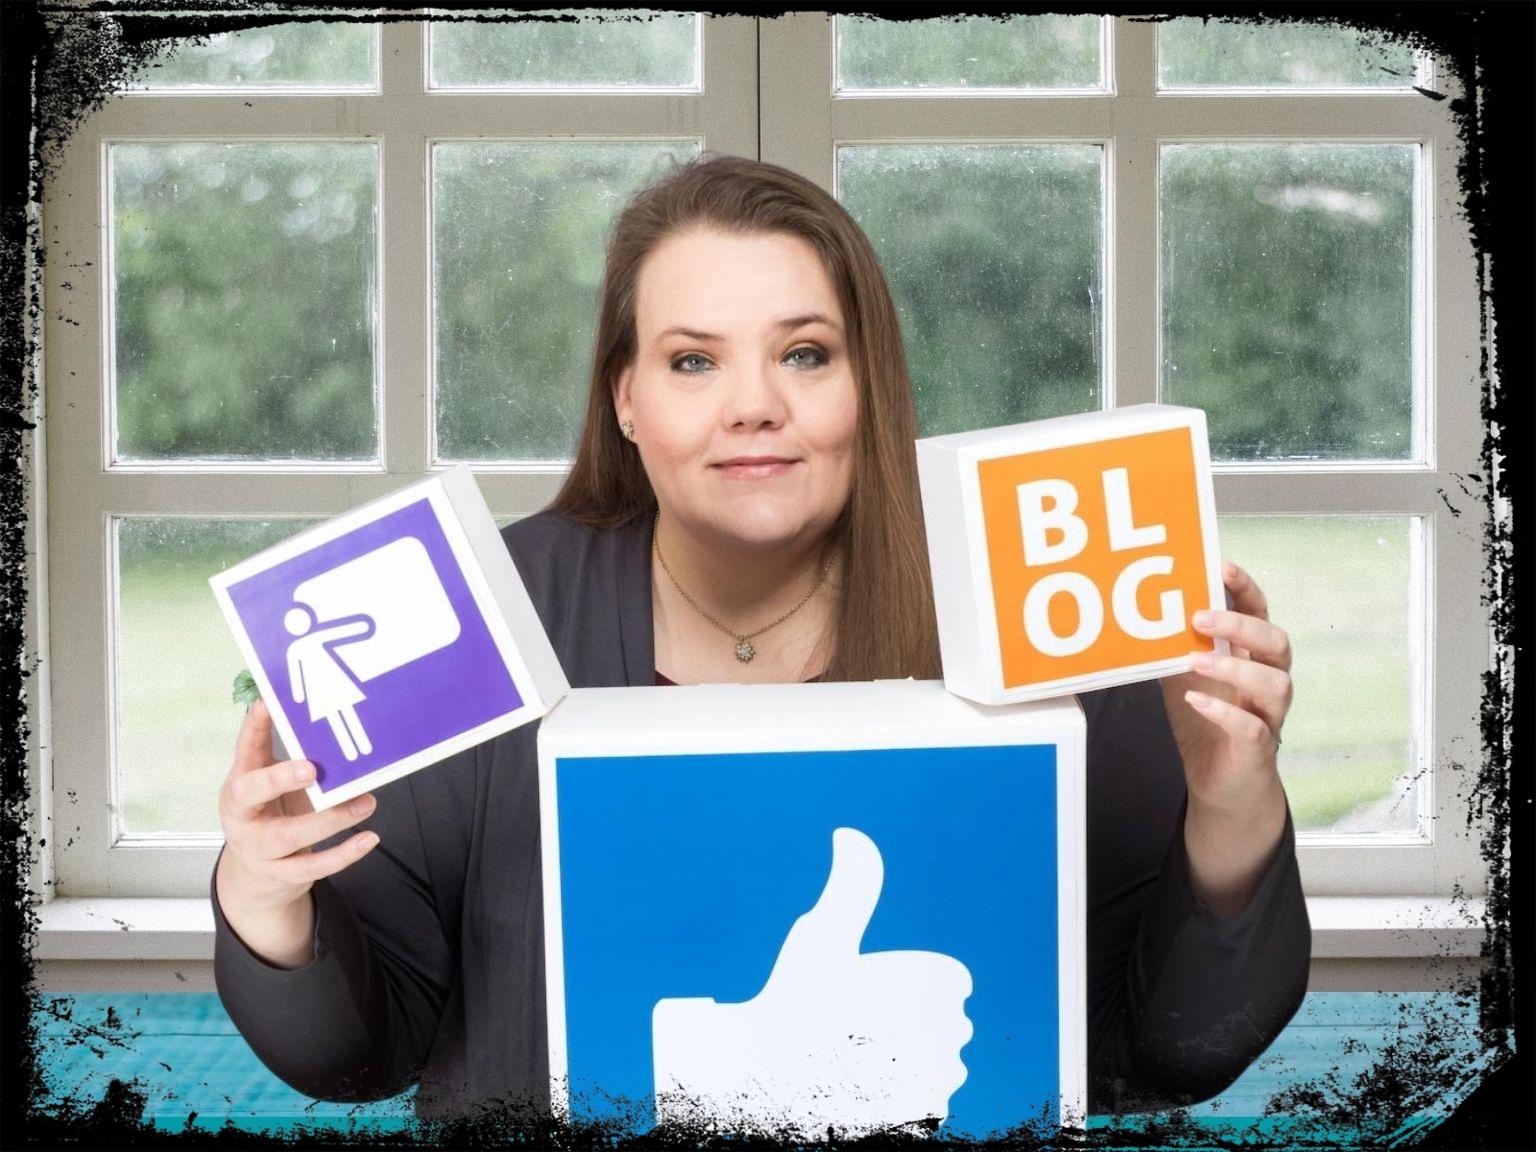 Networking für Fortgeschrittene #29 Carola Heine